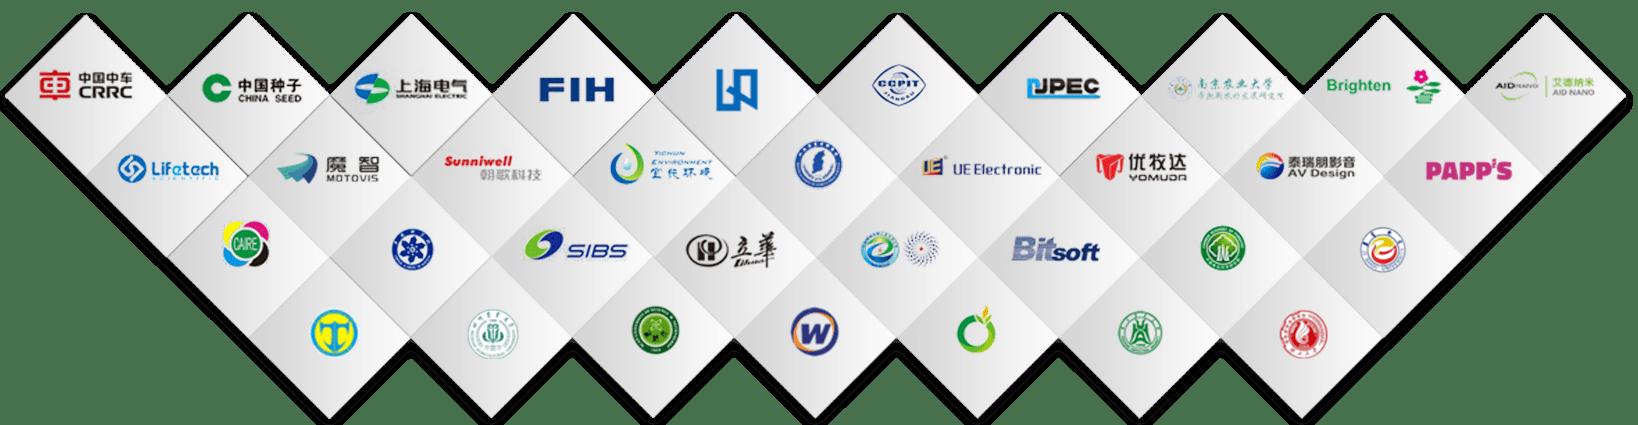 众多行业伙伴的权威推荐